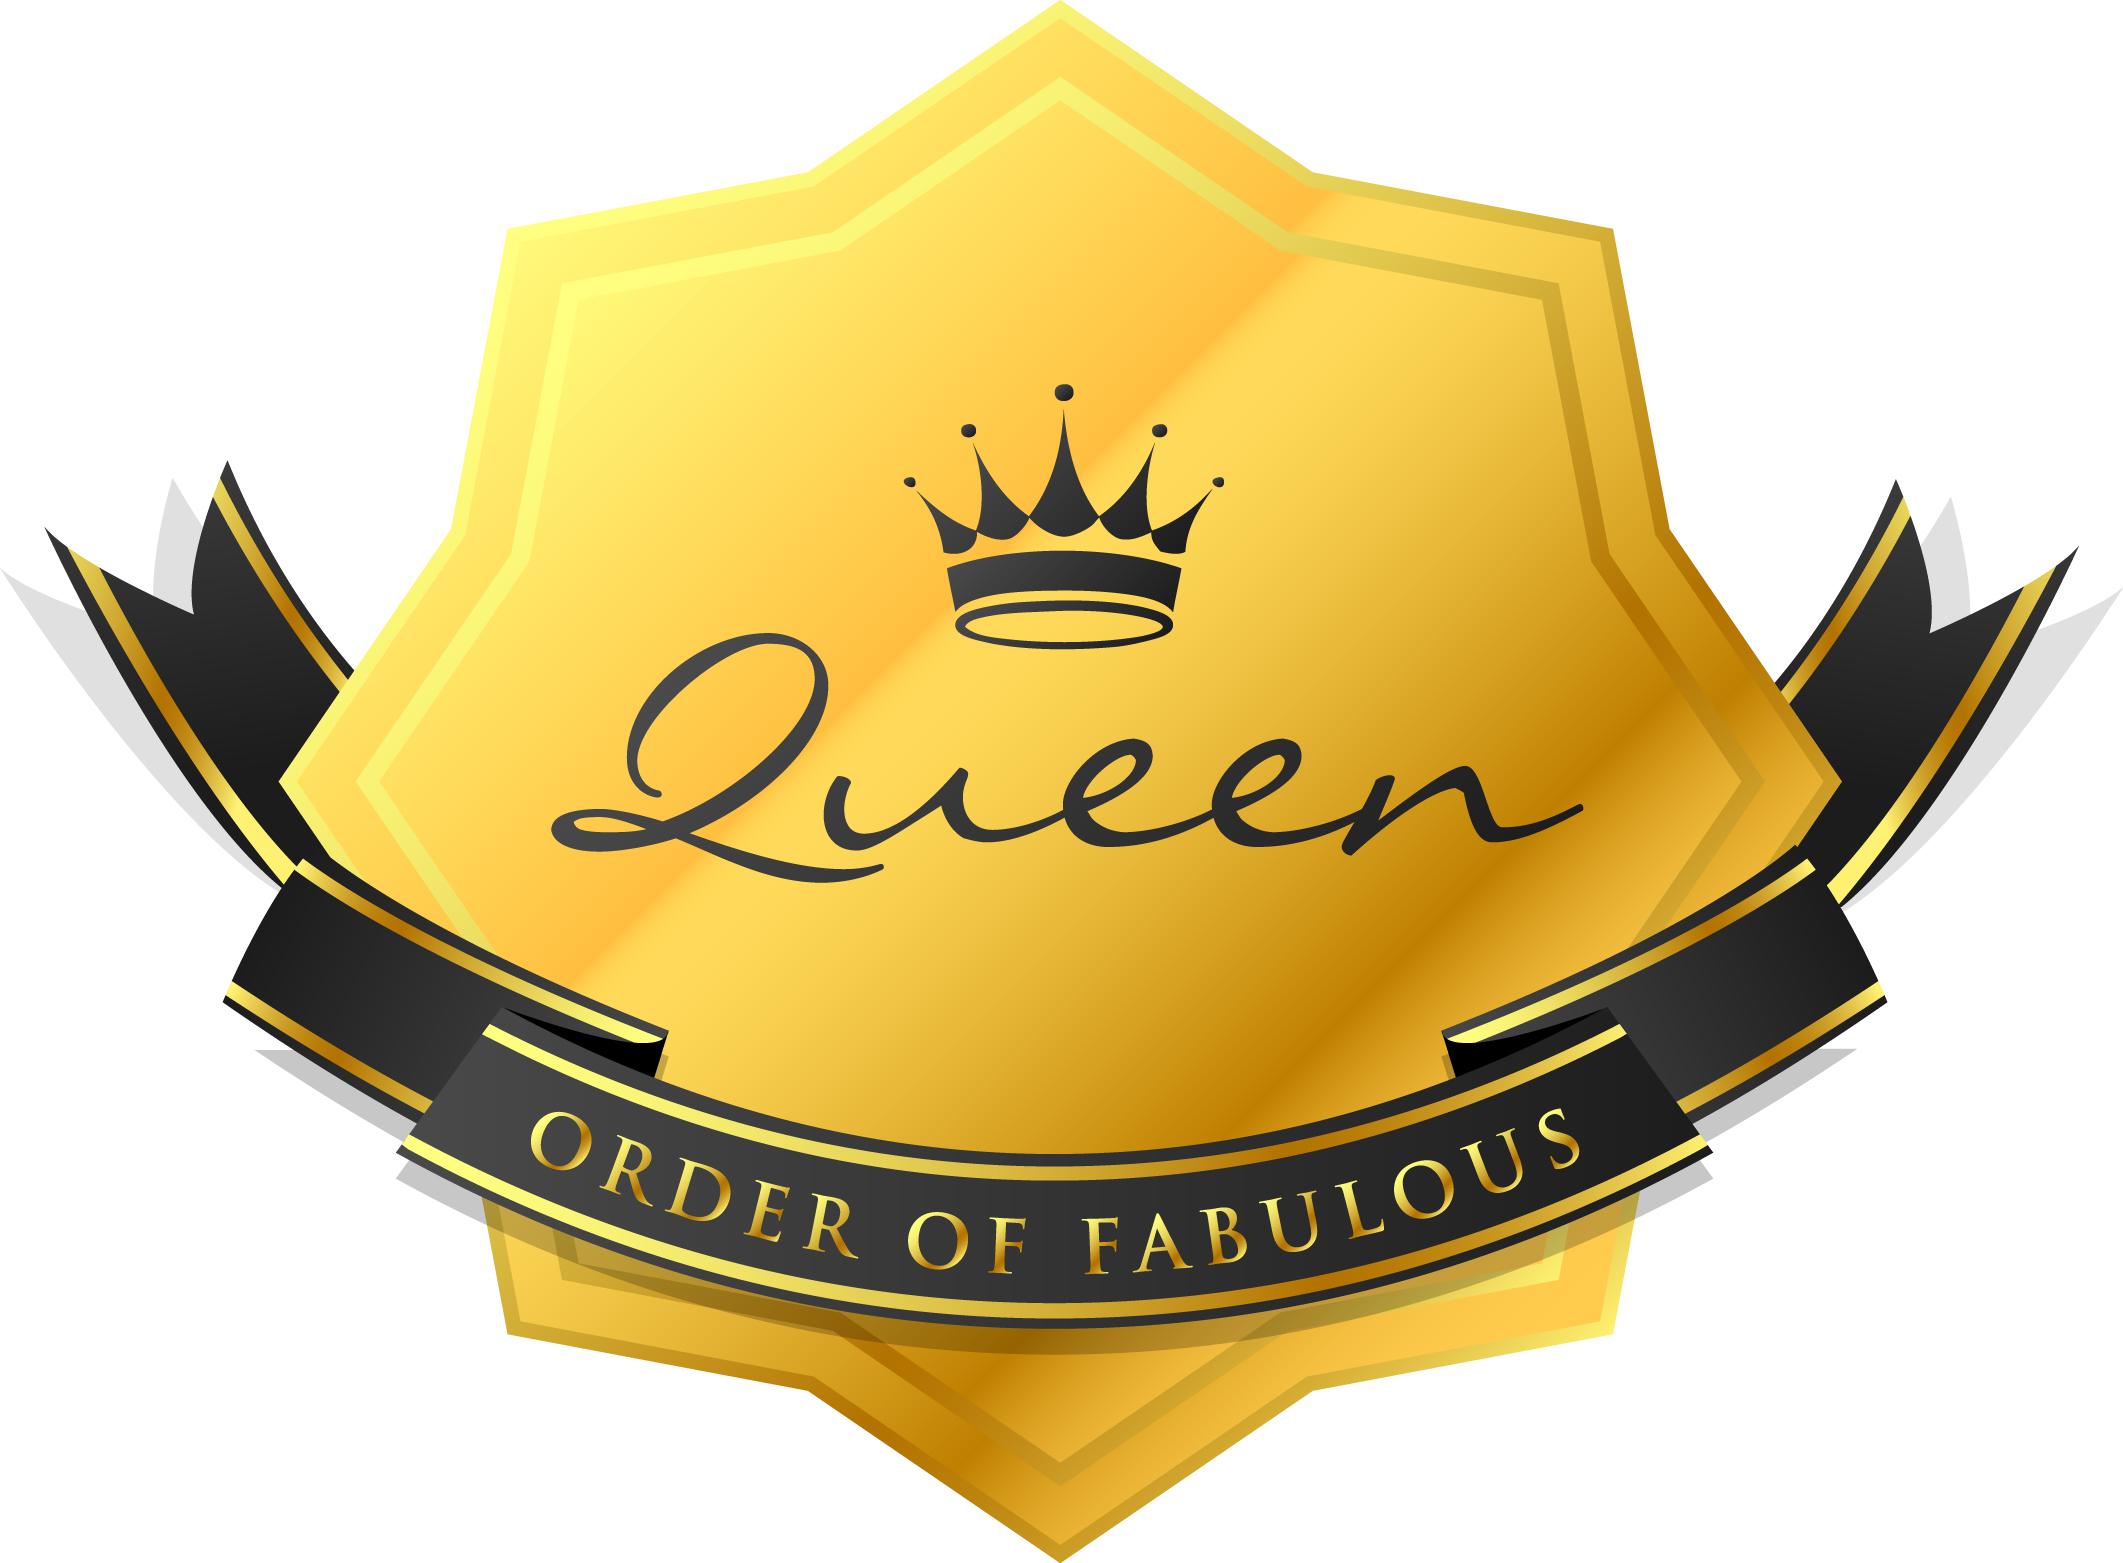 order of fabulous award, winner